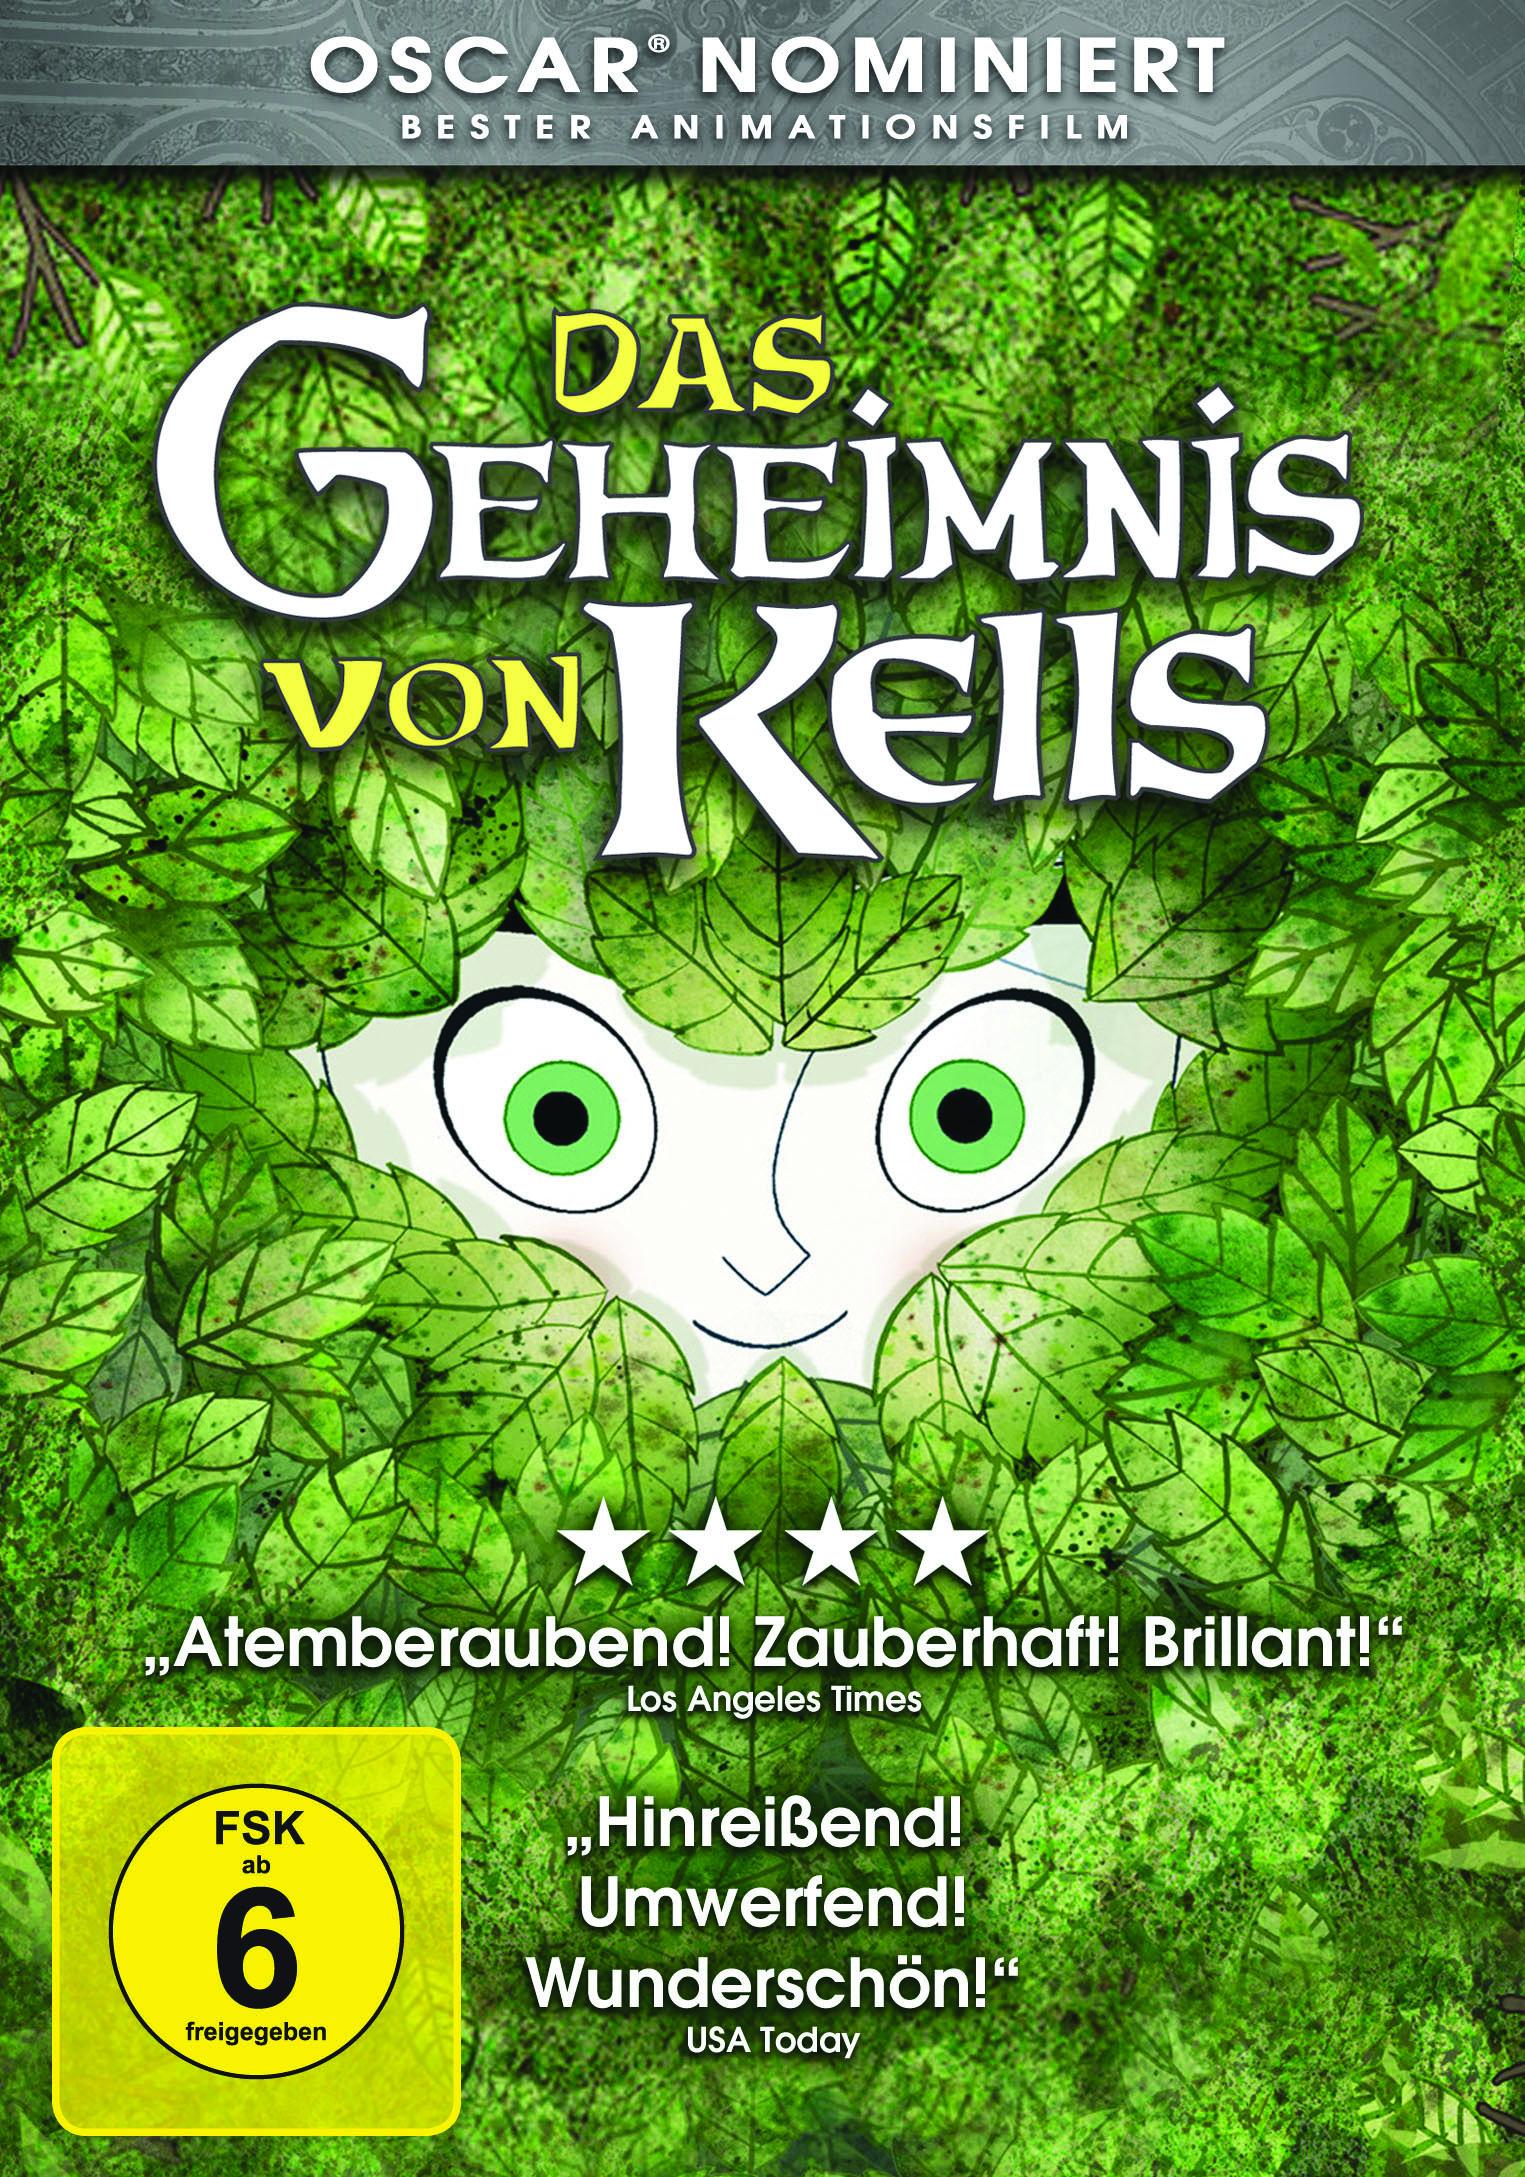 Geheimnis Von Kells